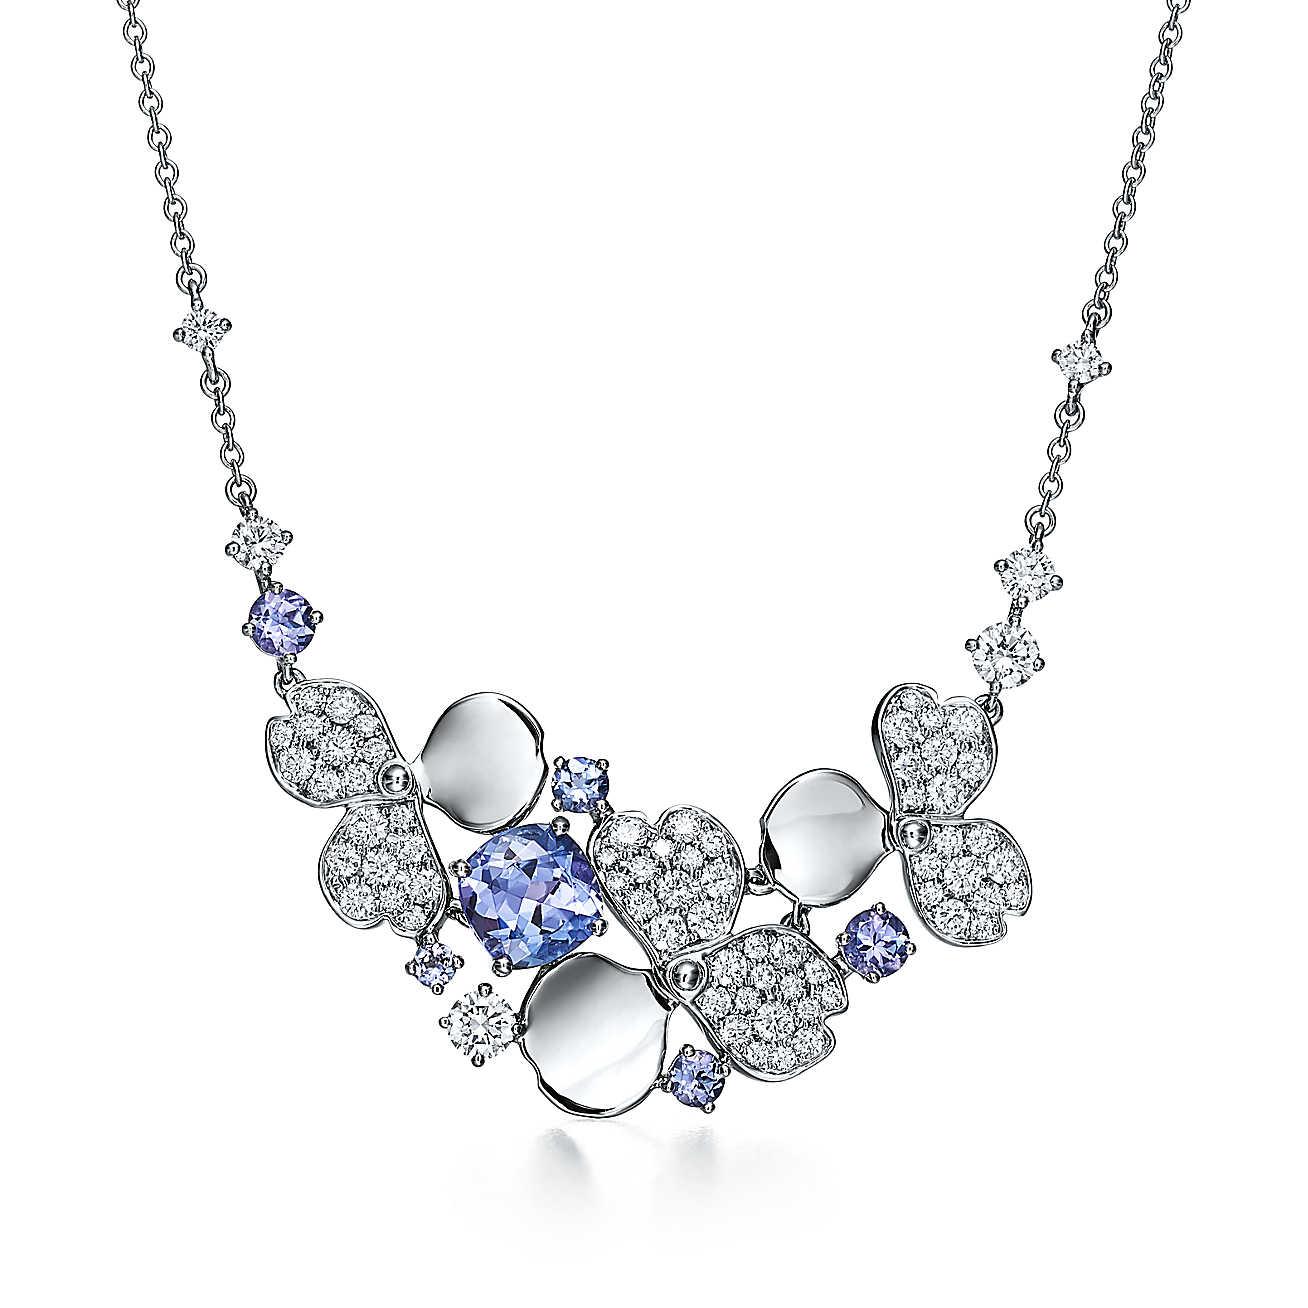 076c2f39e247 tiffany-paper-flowerscollar-diamantes-y-tanzanitas-en-racimo-61625674 984446 ED.jpg